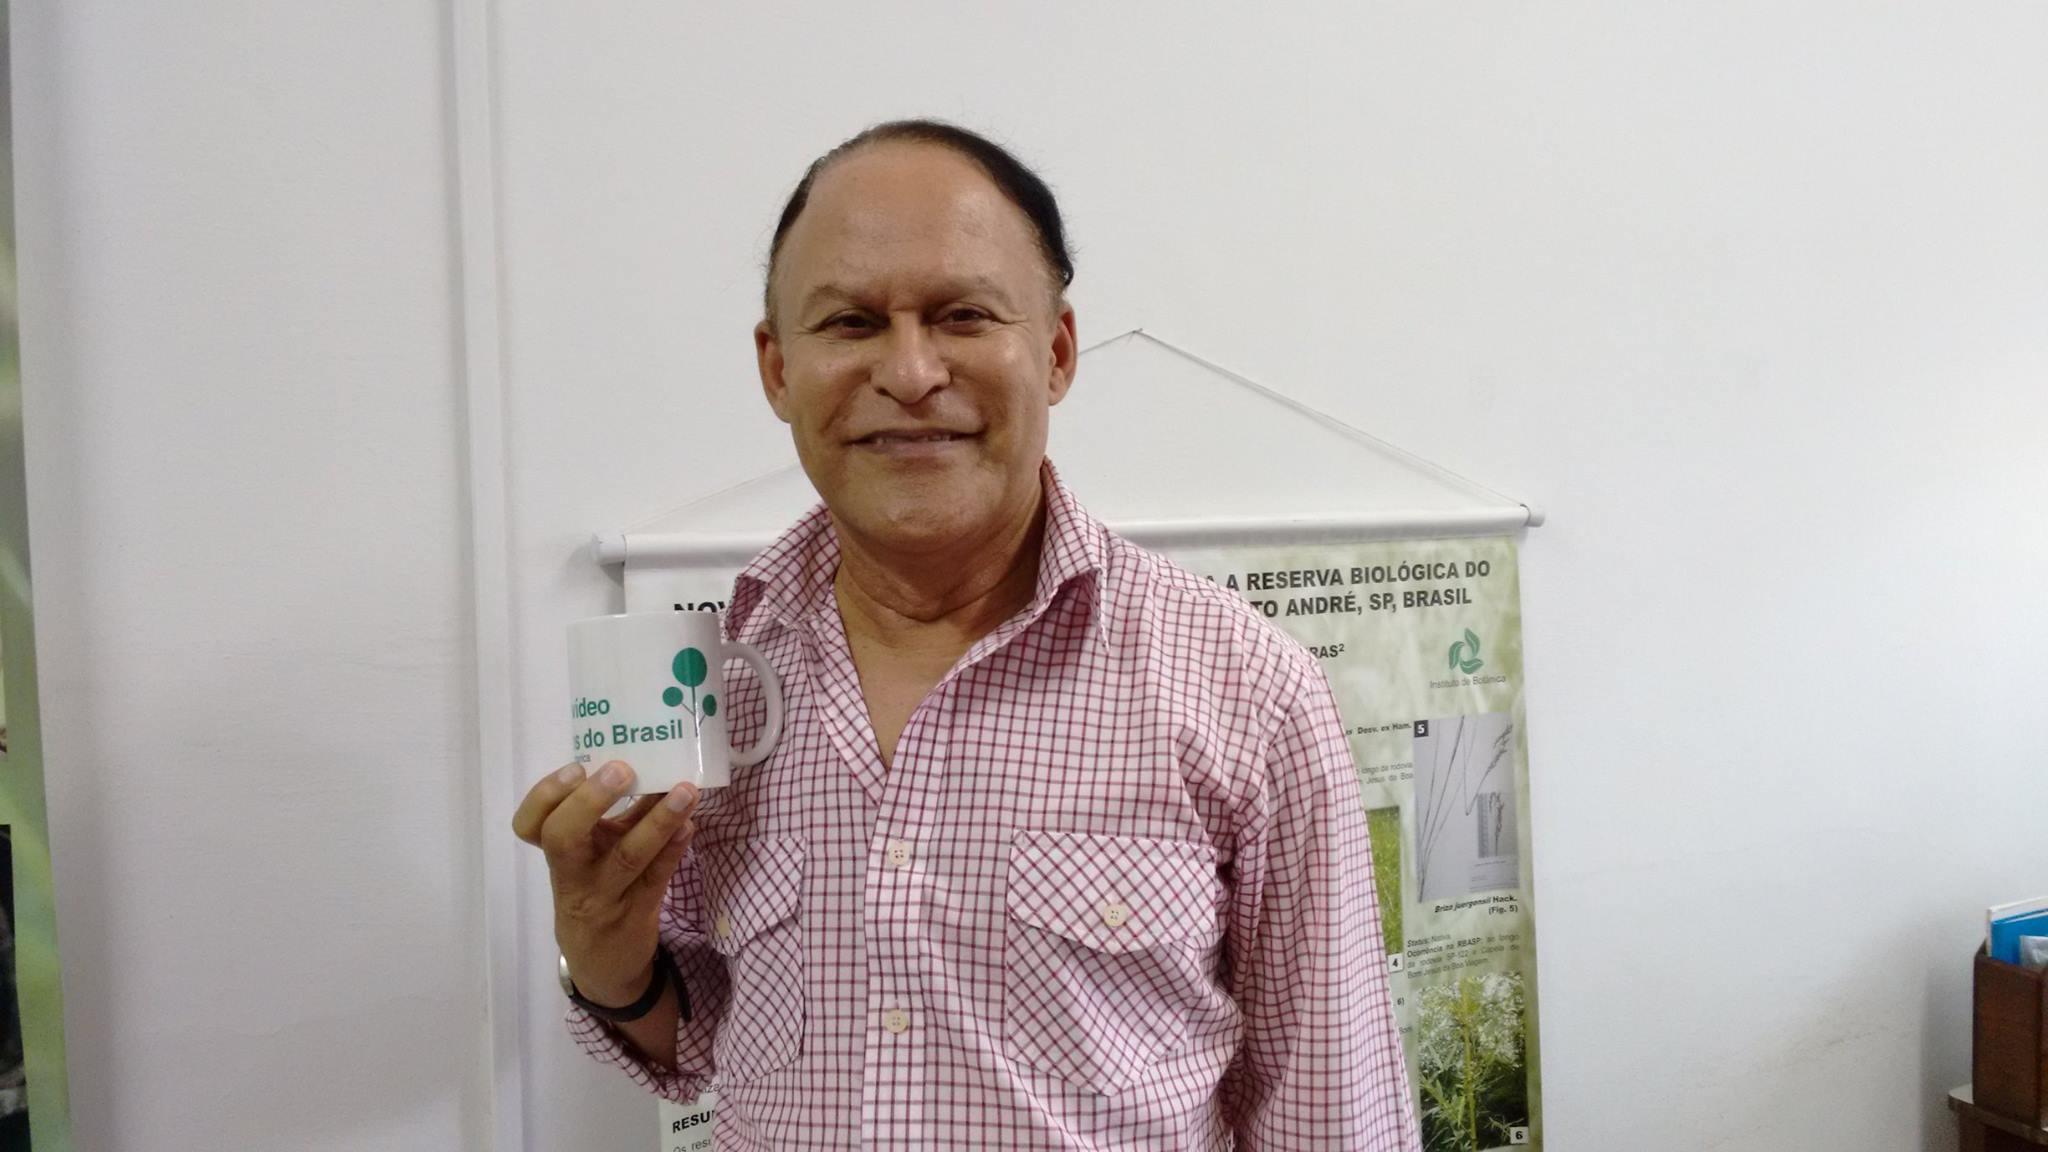 Morre Tarciso Filgueiras, referência da Botânica brasileira, aos 73 anos. Tinha câncer